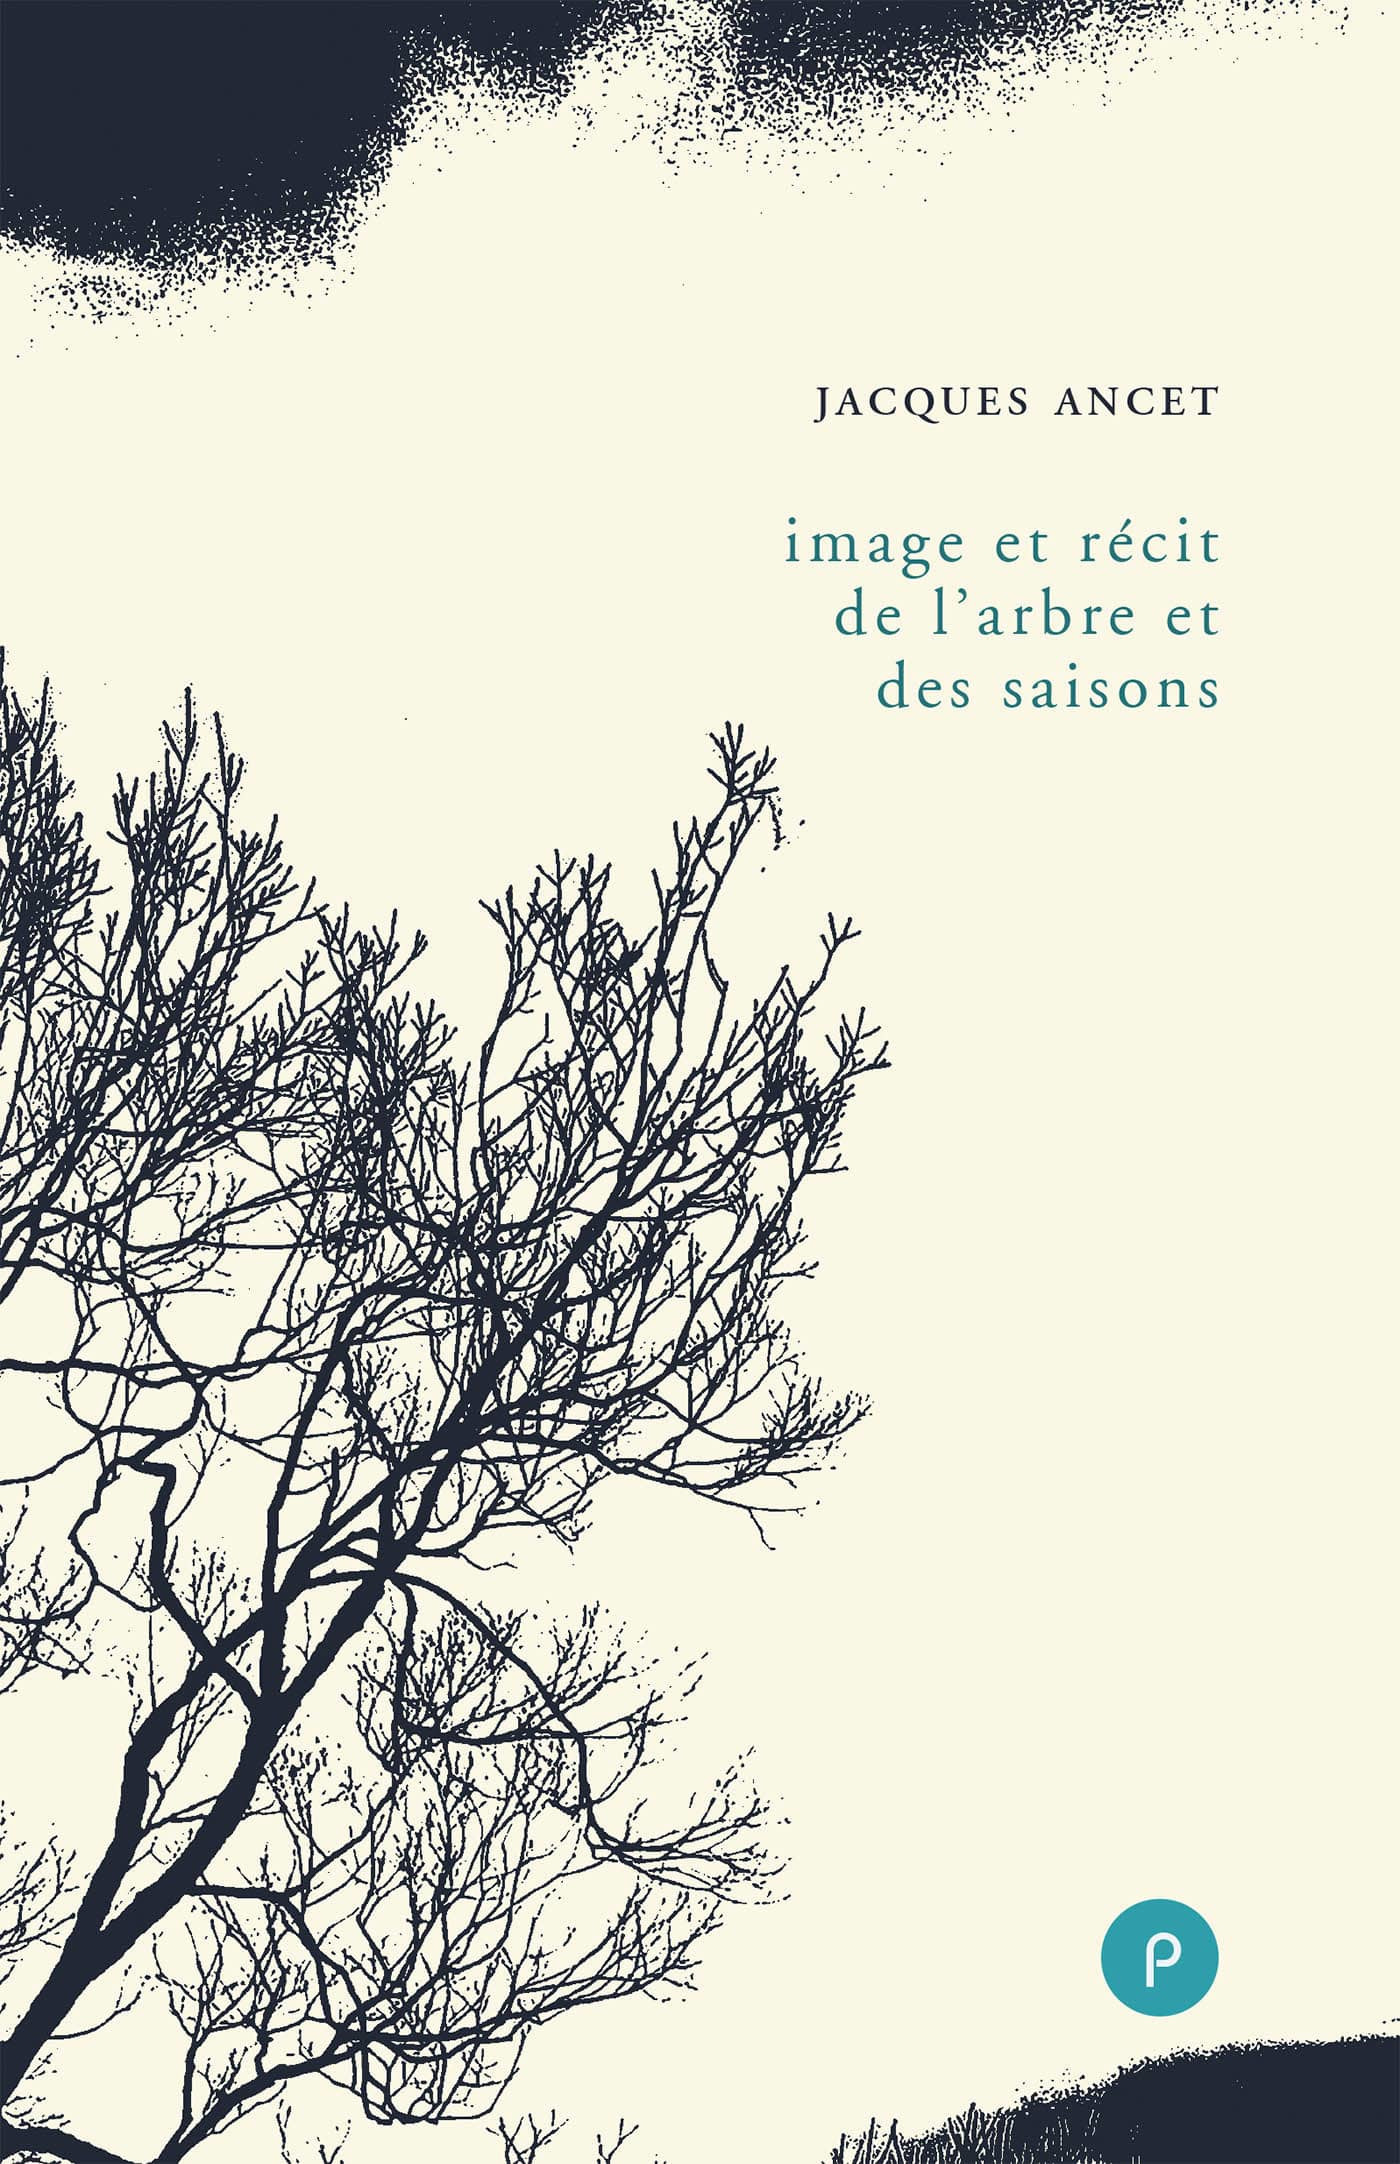 Image et récit de l'arbre et des saisons